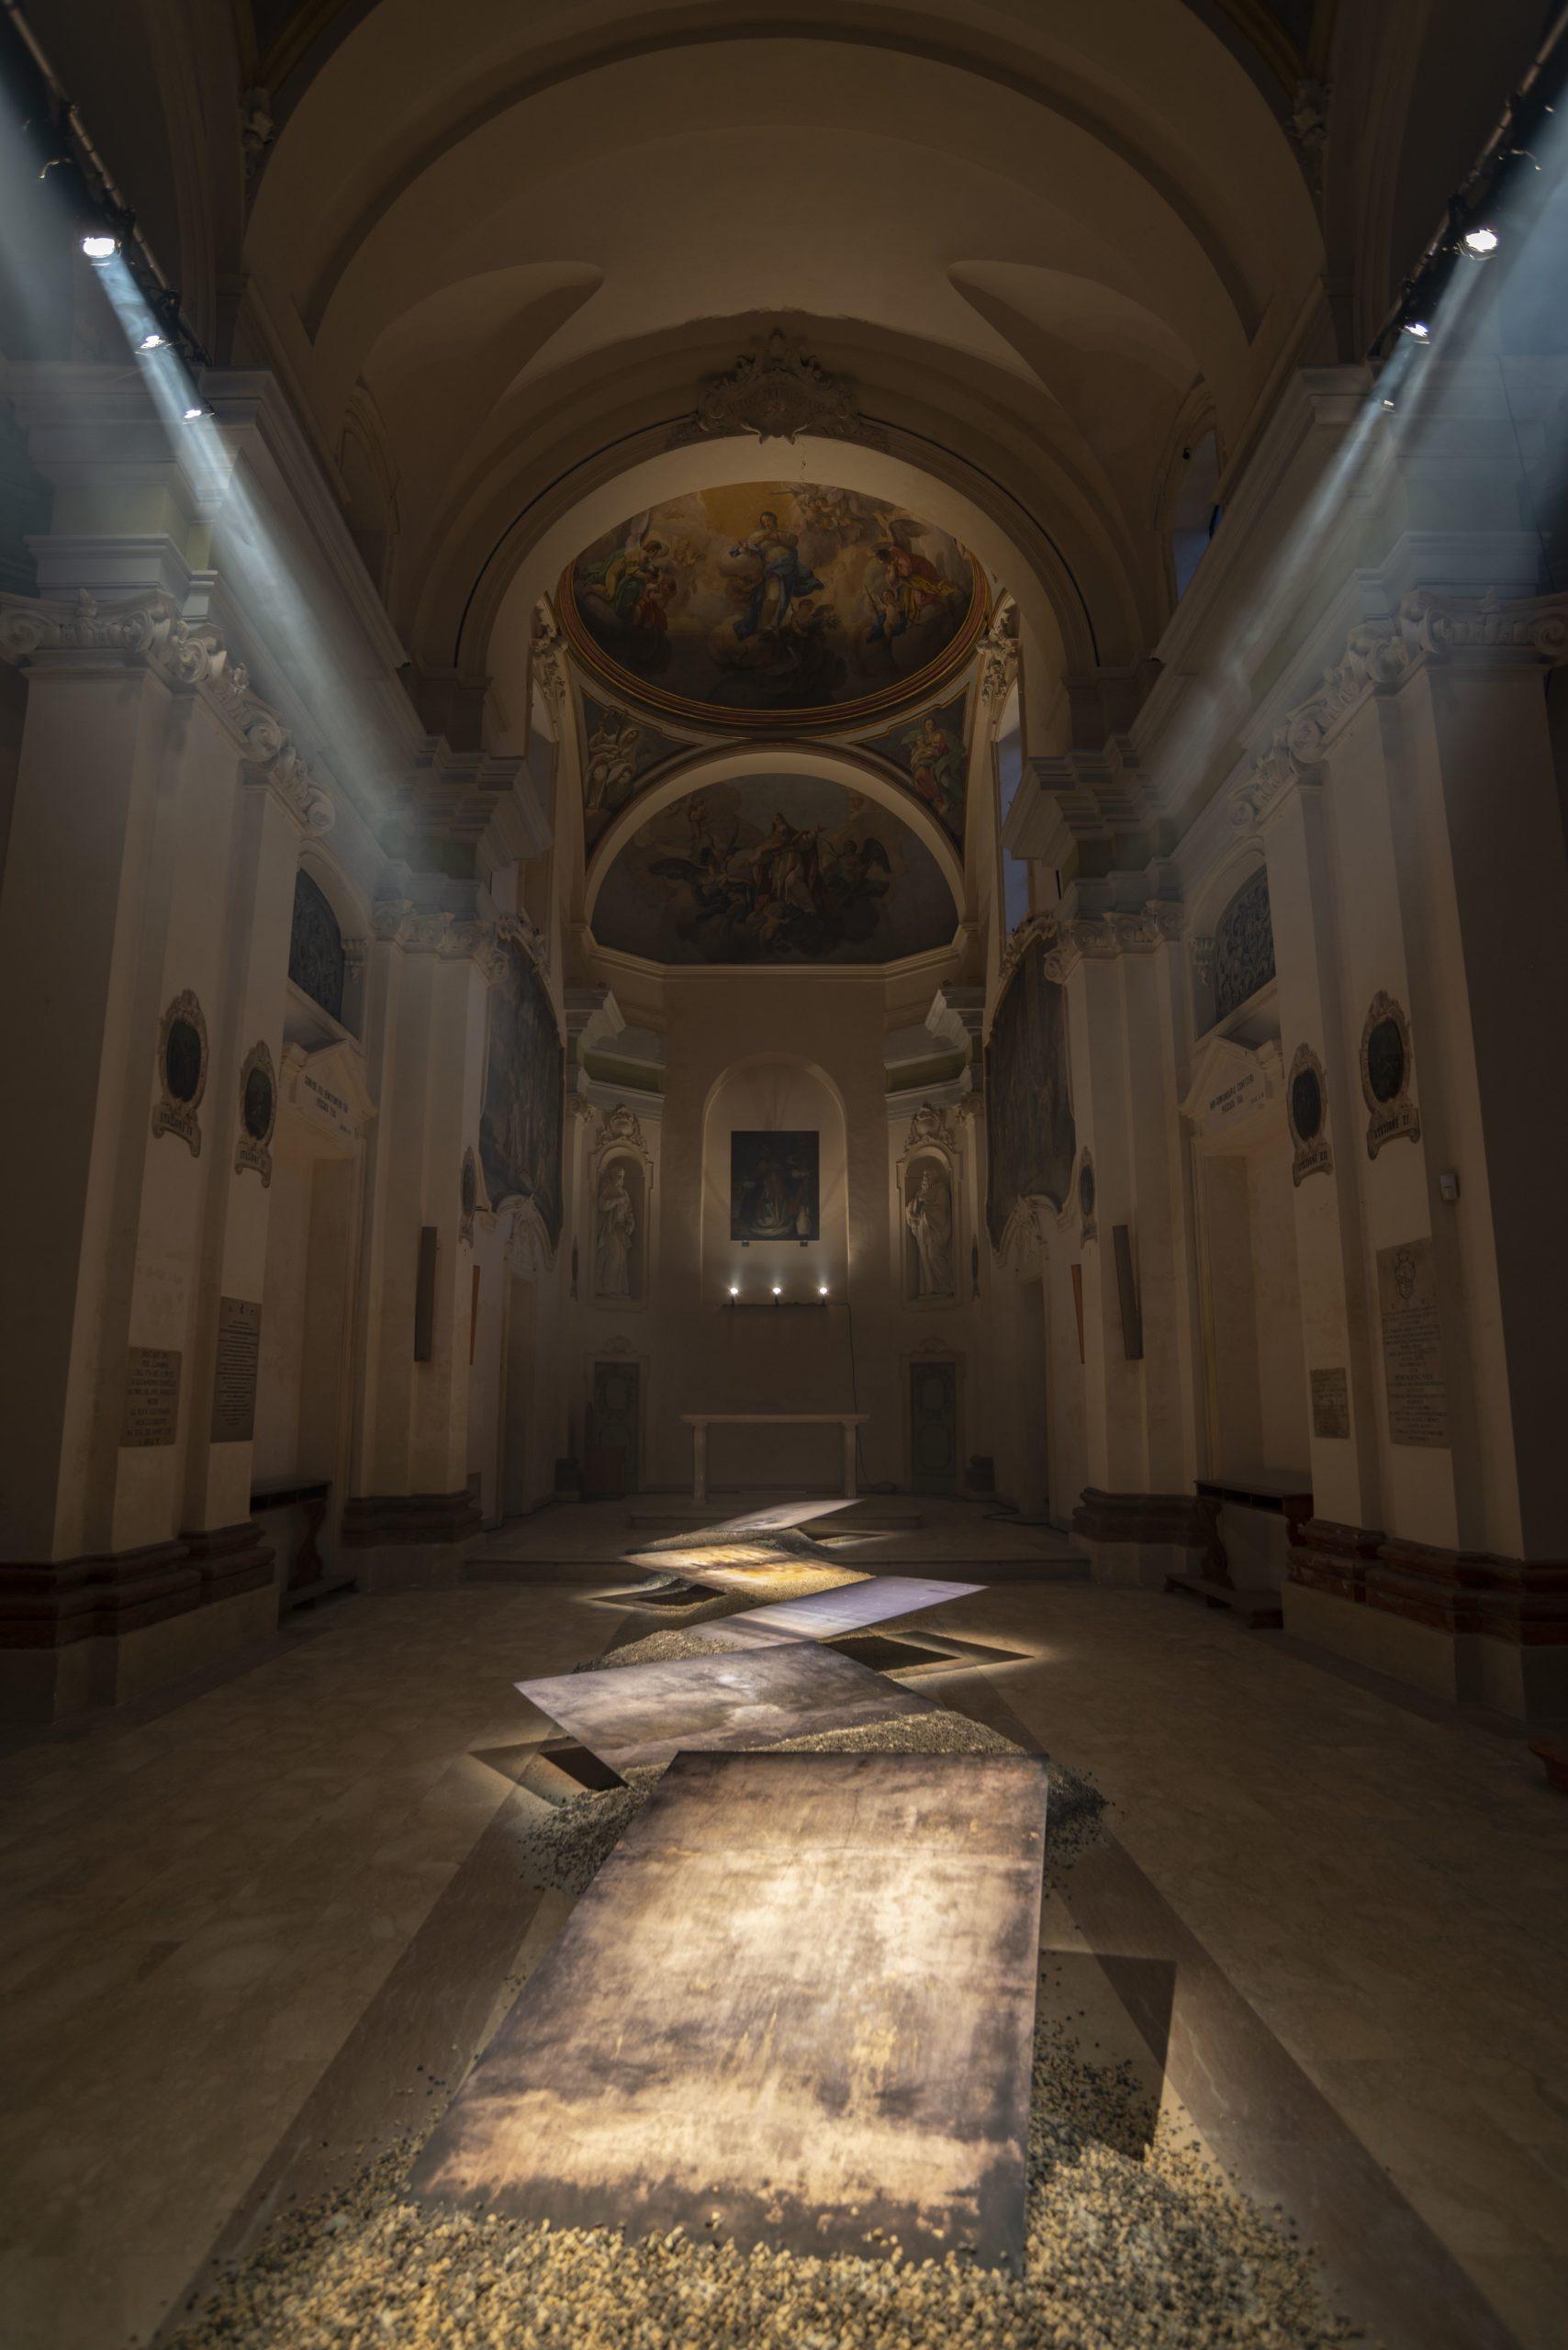 Bellezze inaspettate -abbattere i muri, chiesa di San Zenone, Cesena, Italie